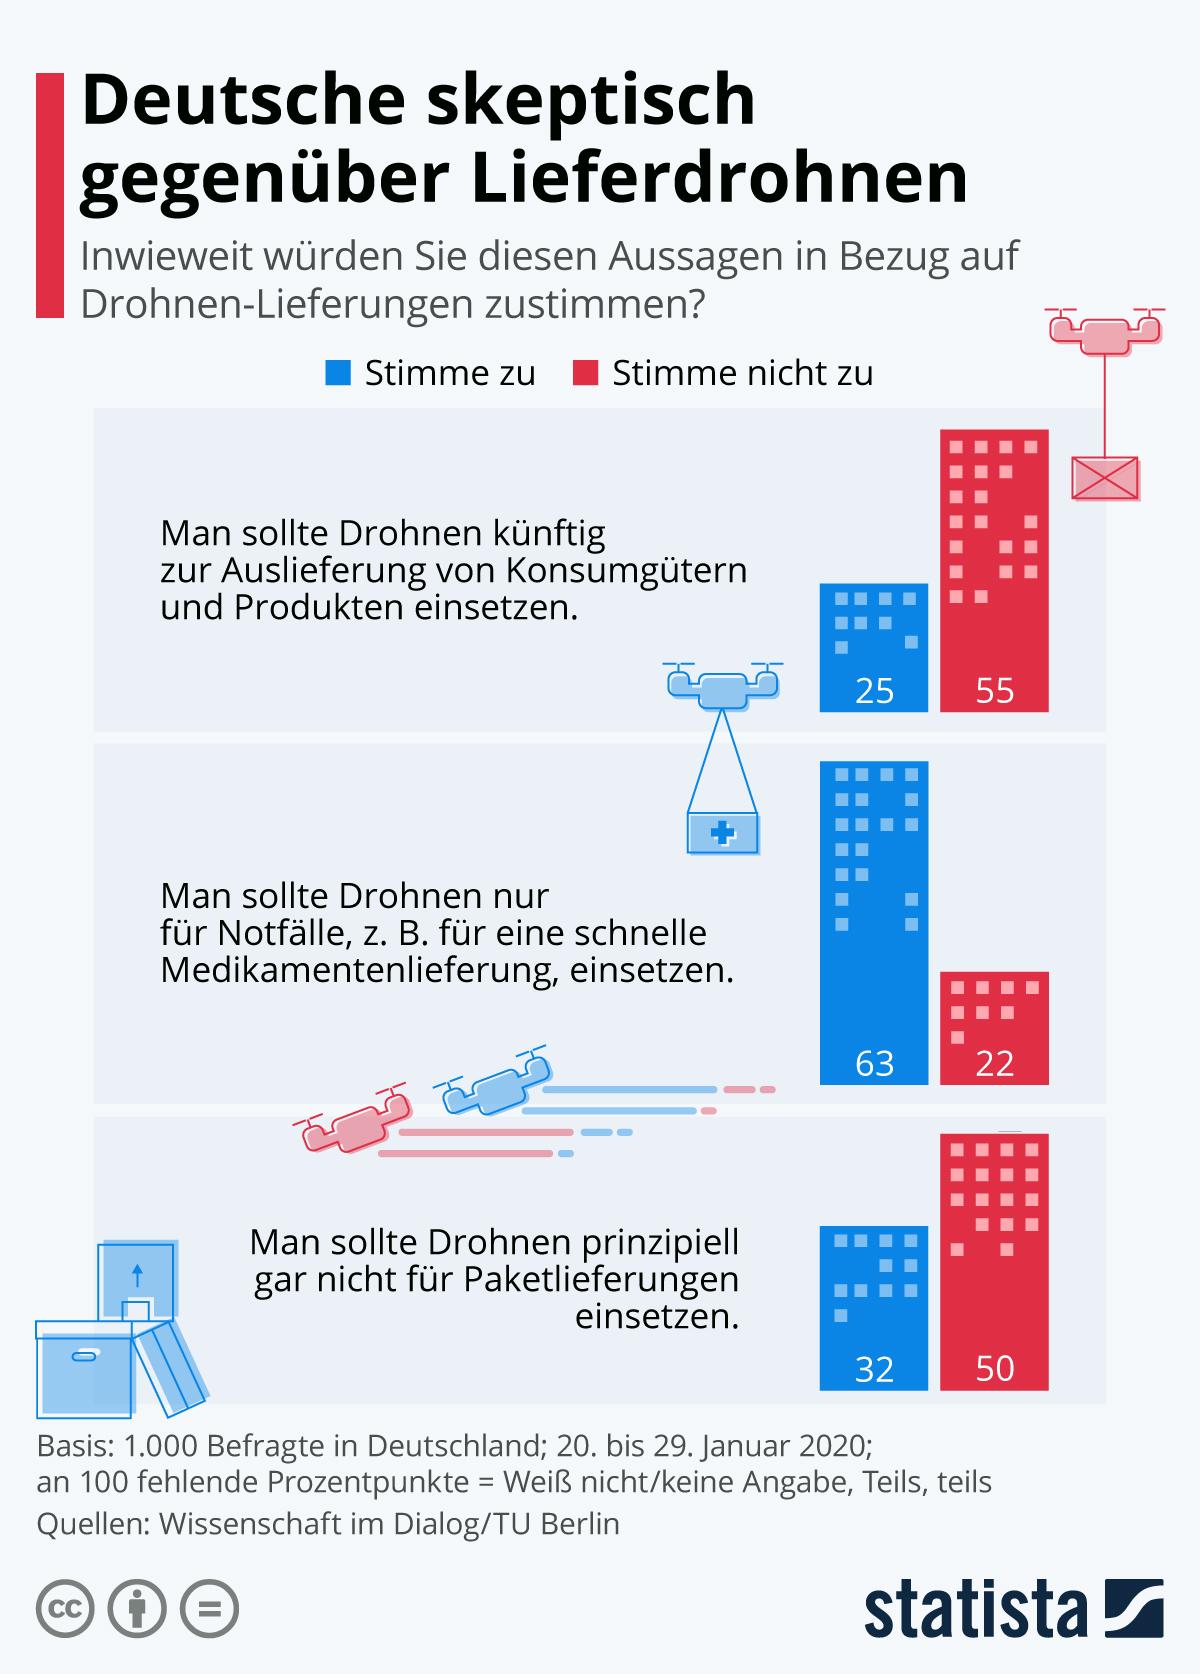 Infografik: Deutsche skeptisch gegenüber Lieferdrohnen | Statista